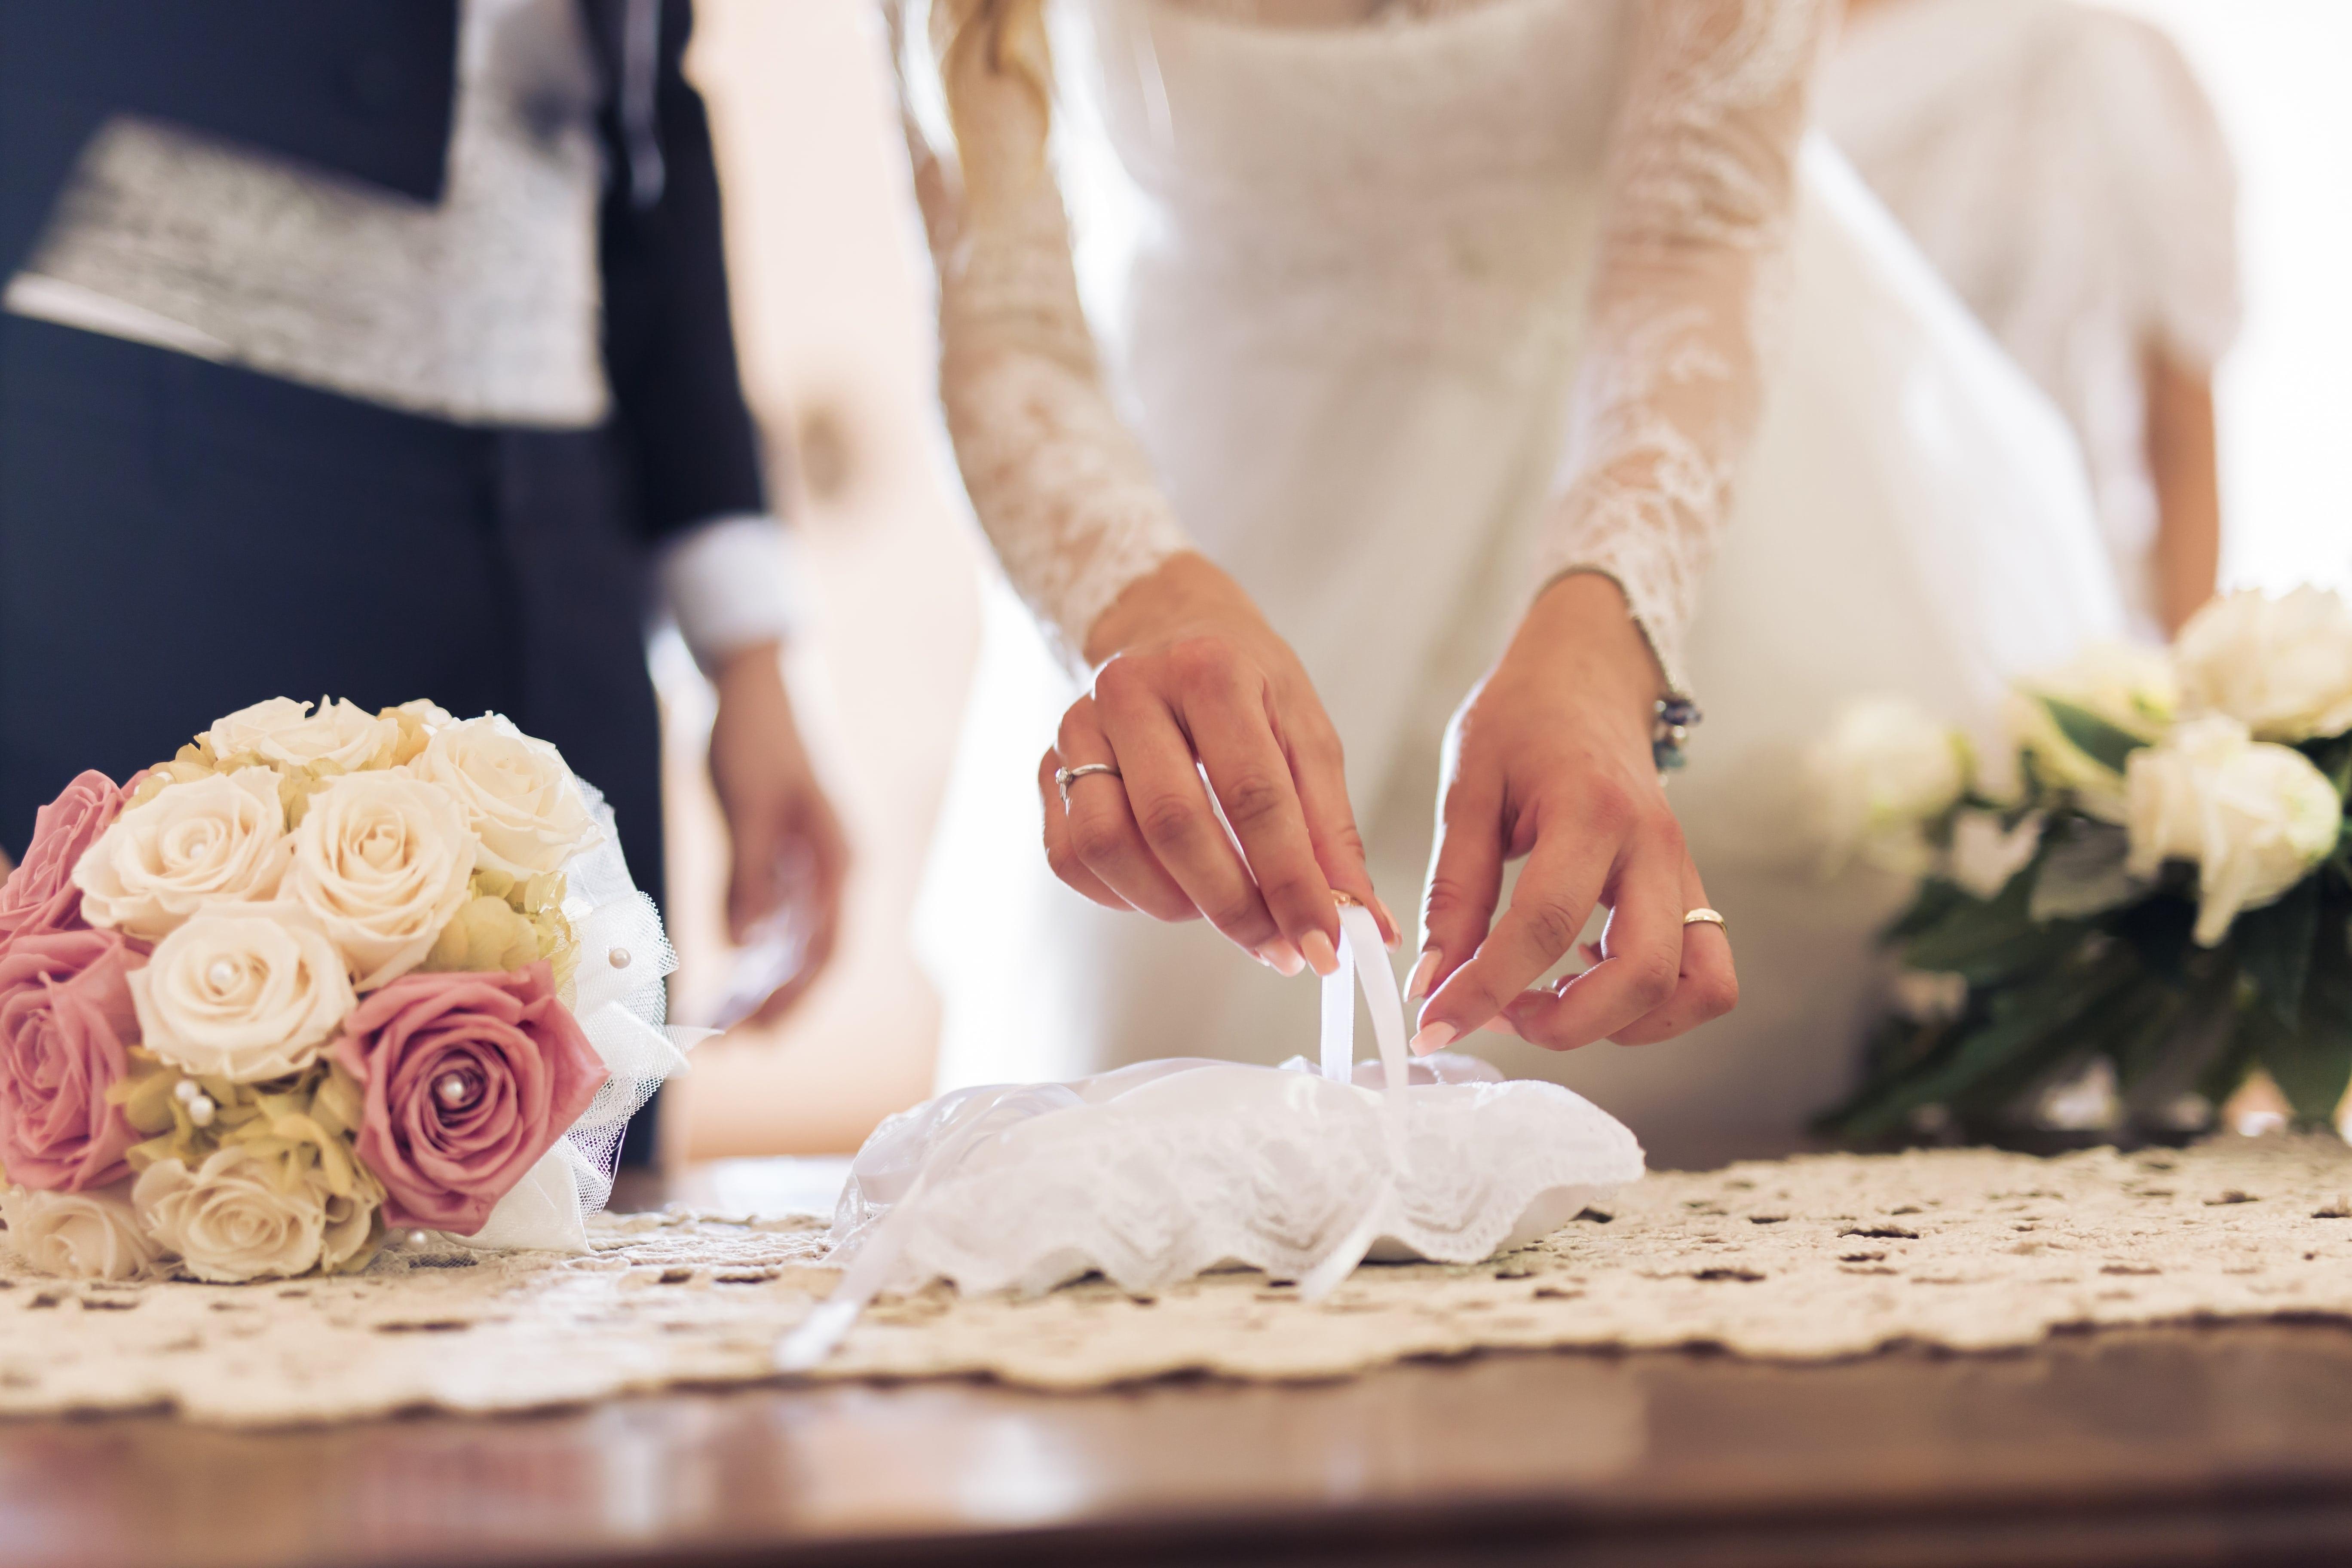 sposa che apre un sacchetto di bomboniere dopo un matrimonio